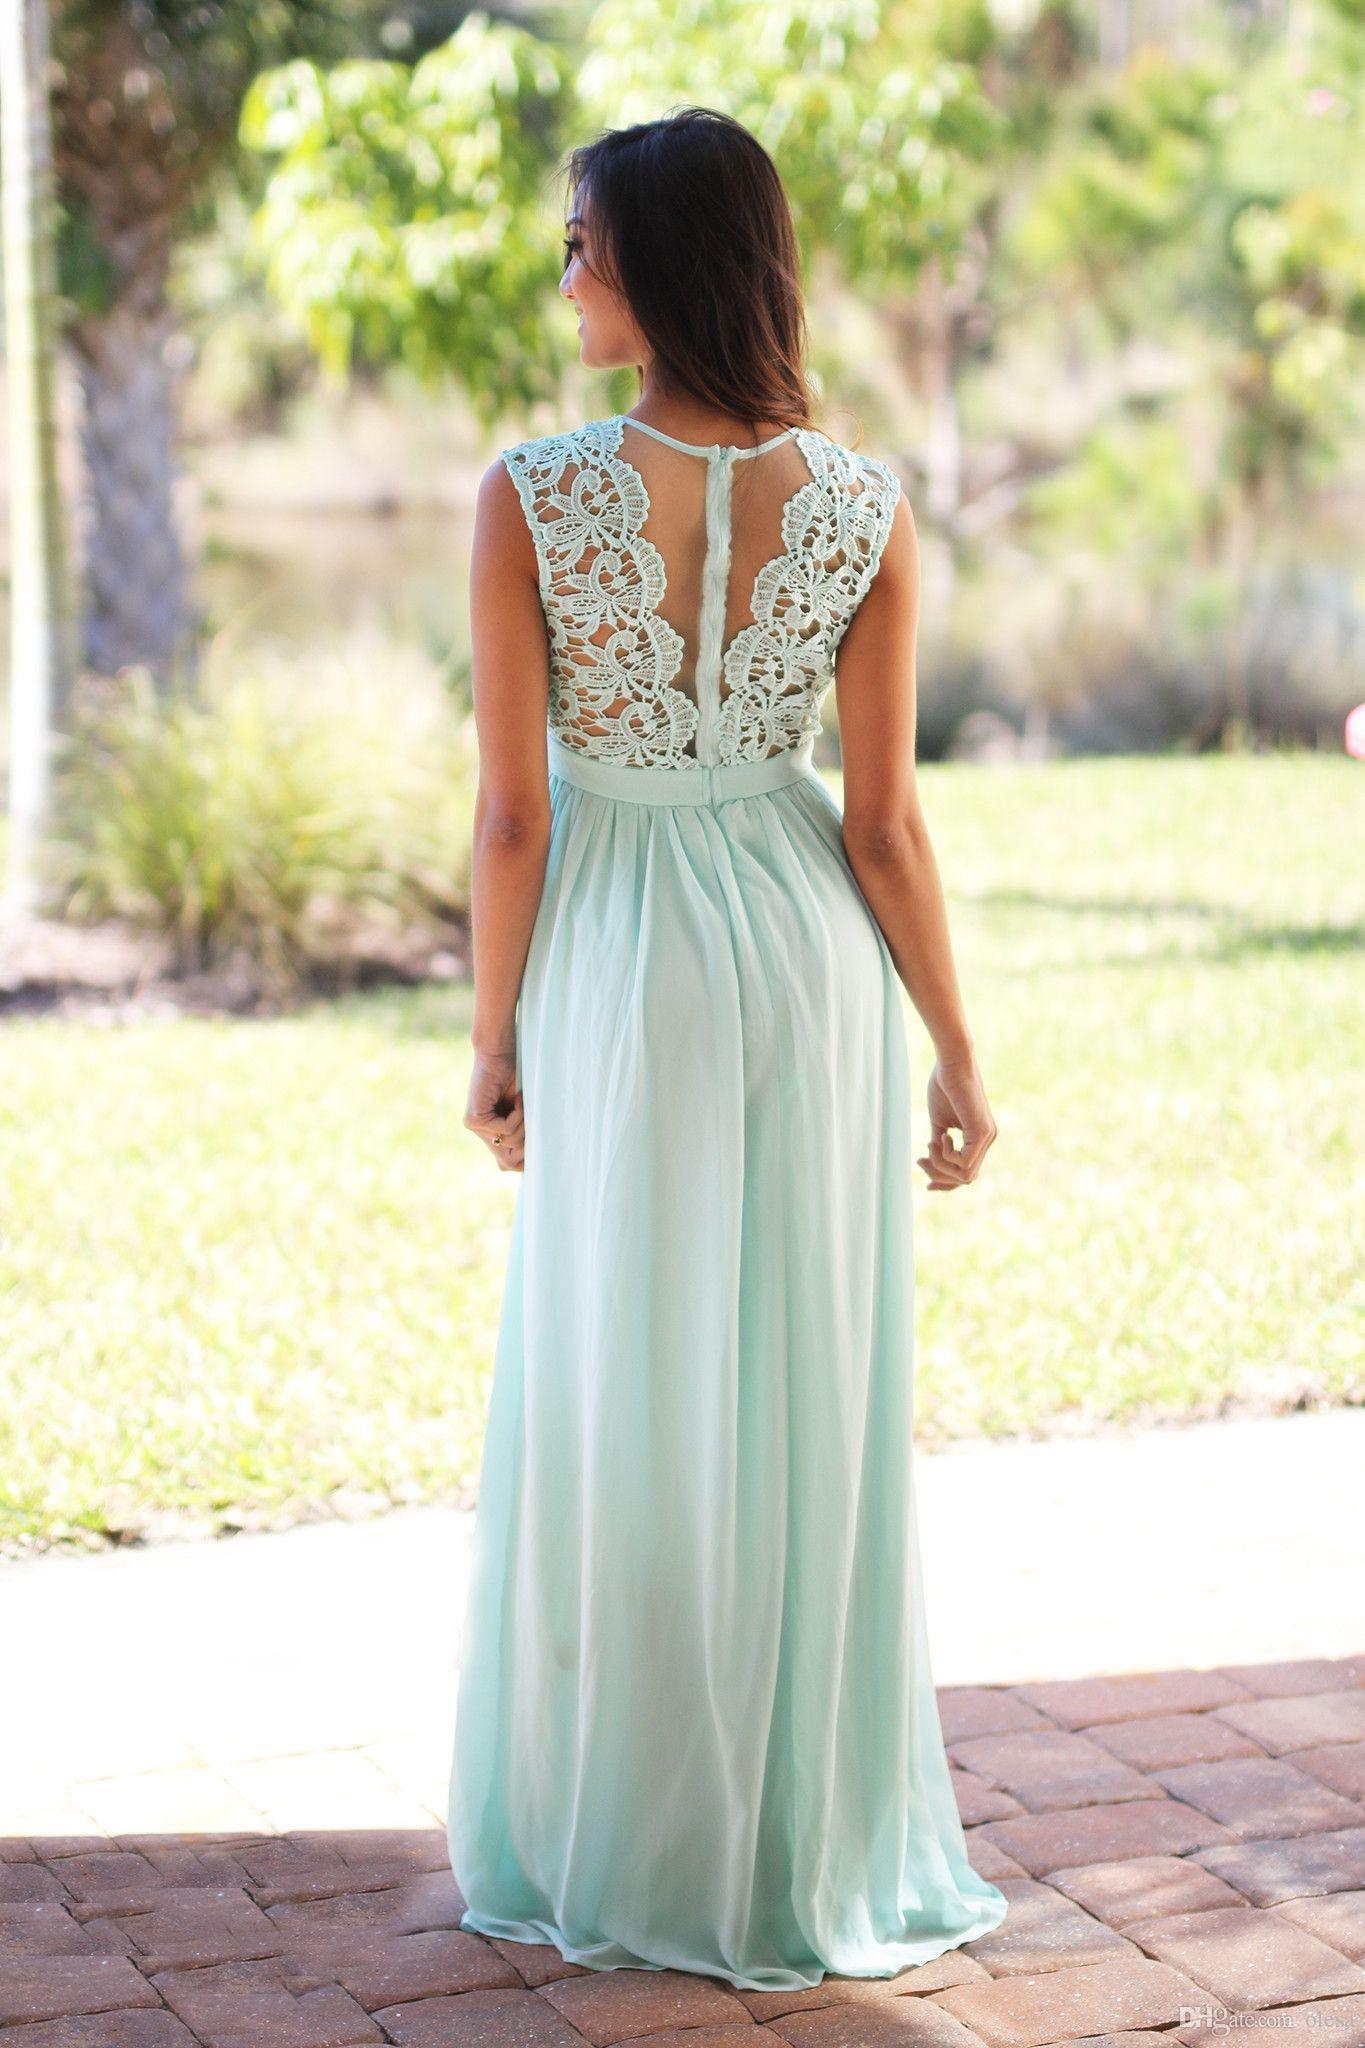 Großhandel Discount Pastell Blue Lace Brautjungfer Kleider 11